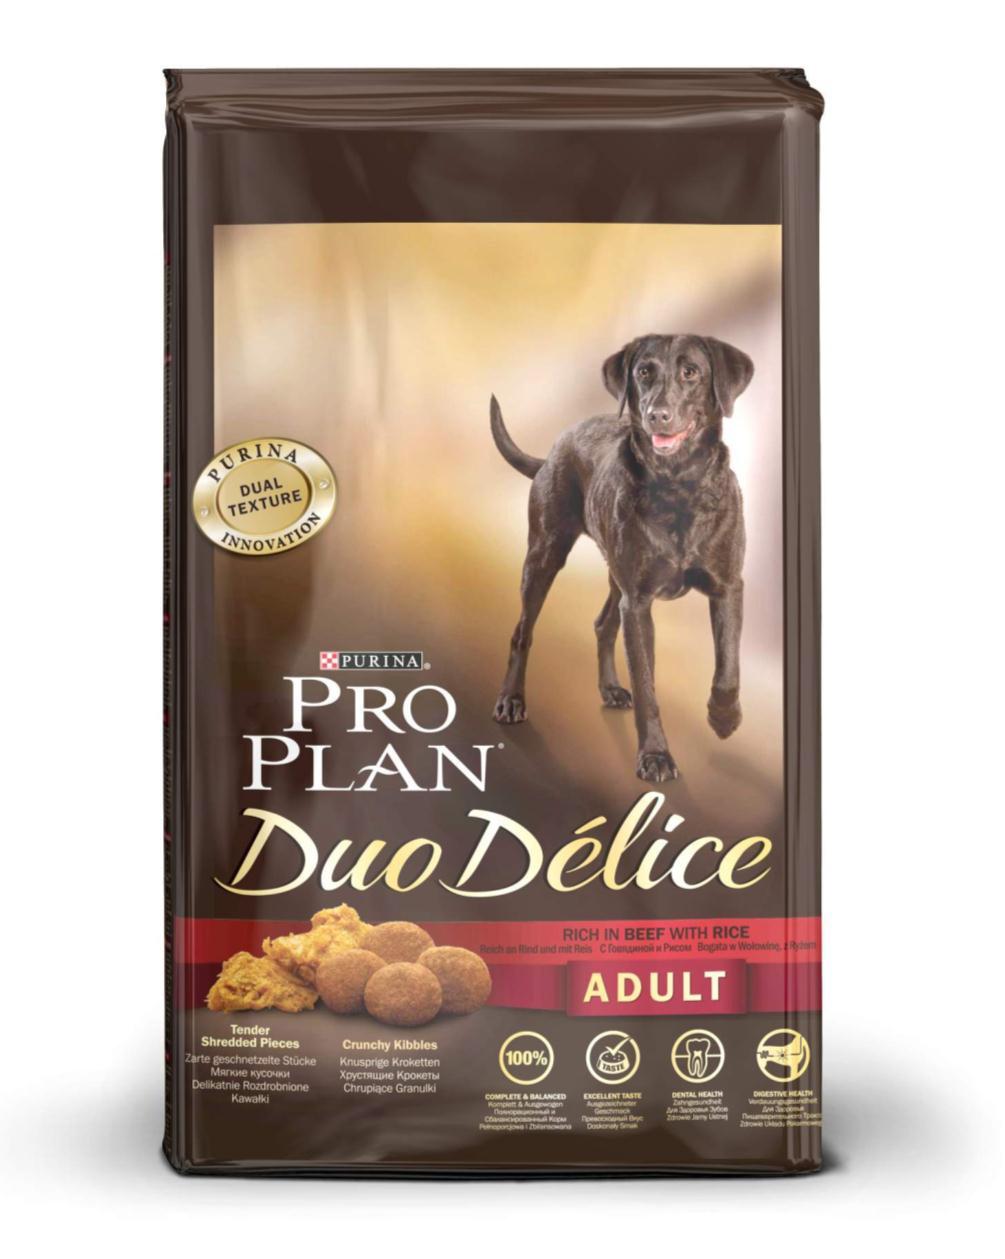 Корм сухой для собак Pro Plan Duo Delice, с говядиной и рисом, 10 кг12202614Сухой корм Pro Plan Duo Delice - это полнорационный корм для взрослых собак, с говядиной и рисом. Корм обеспечивает правильный баланс питательных веществ для поддержания здоровья и хорошего самочувствия взрослых собак. Тщательно отобранные ингредиенты и специально разработанный процесс приготовления обеспечивают высокую усвояемость корма, благодаря чему собаки получают необходимые им питательные вещества. Собаки обожают инновационное сочетание хрустящих крокет и мягких кусочков, в которых основным ингредиентом является говядина. Уникальное сочетание хрустящих крокет и мягких кусочков побуждает собаку с удовольствием пережевывать корм. Механическое воздействие хрустящих крокет на зубы вашей собаки, действует как зубная щетка, тем самым способствует уменьшению отложения зубного камня. Содержащаяся в корме клетчатка помогает поддерживать здоровье пищеварительного тракта, помогает улучшить качество стула, а белок из специально выбранных ингредиентов легко...